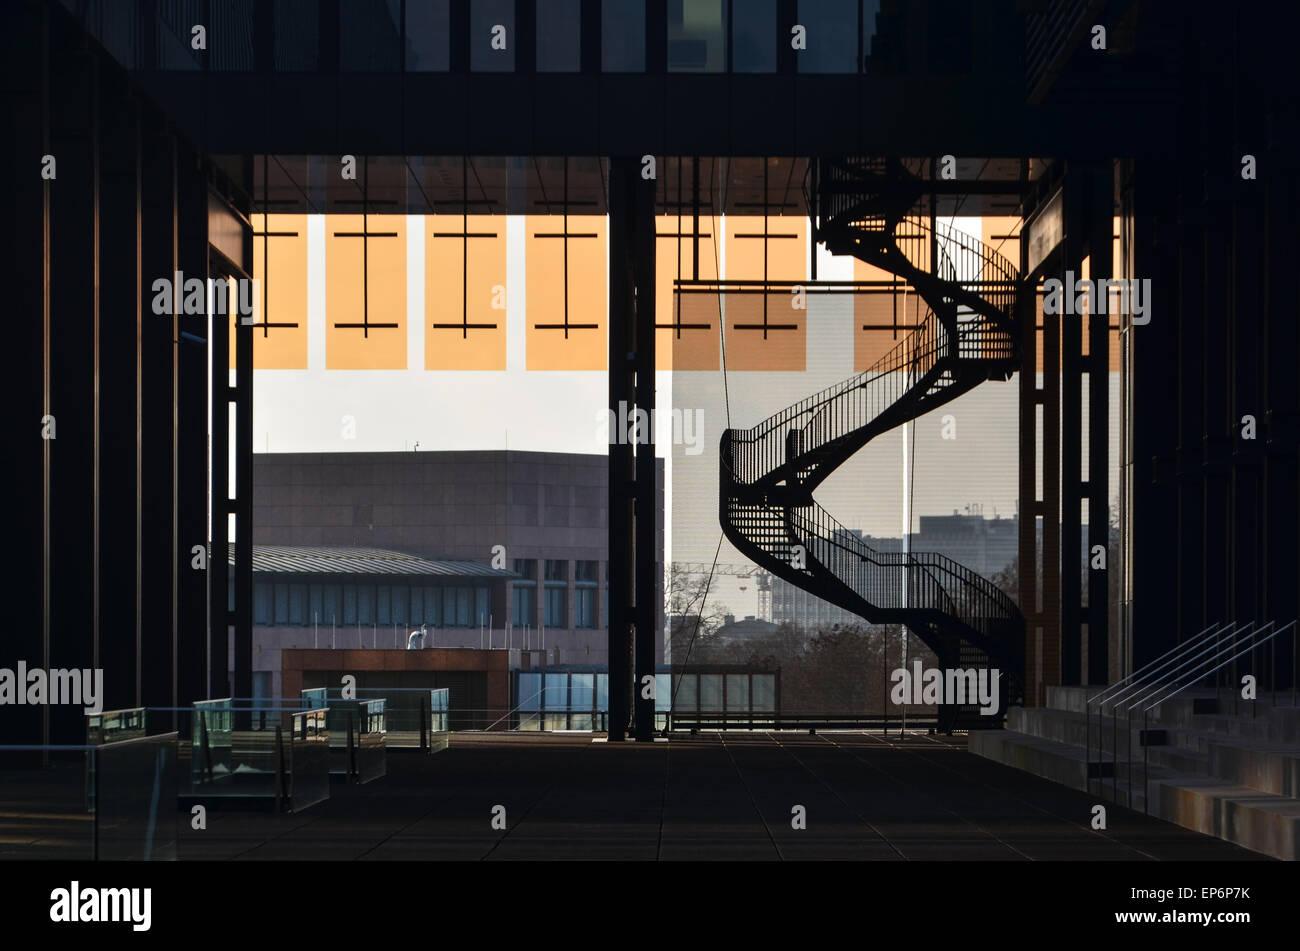 Arquitectura de la Corte de Justicia de la Unión Europea, en el barrio europeo, Kirchberg, Luxemburgo Imagen De Stock